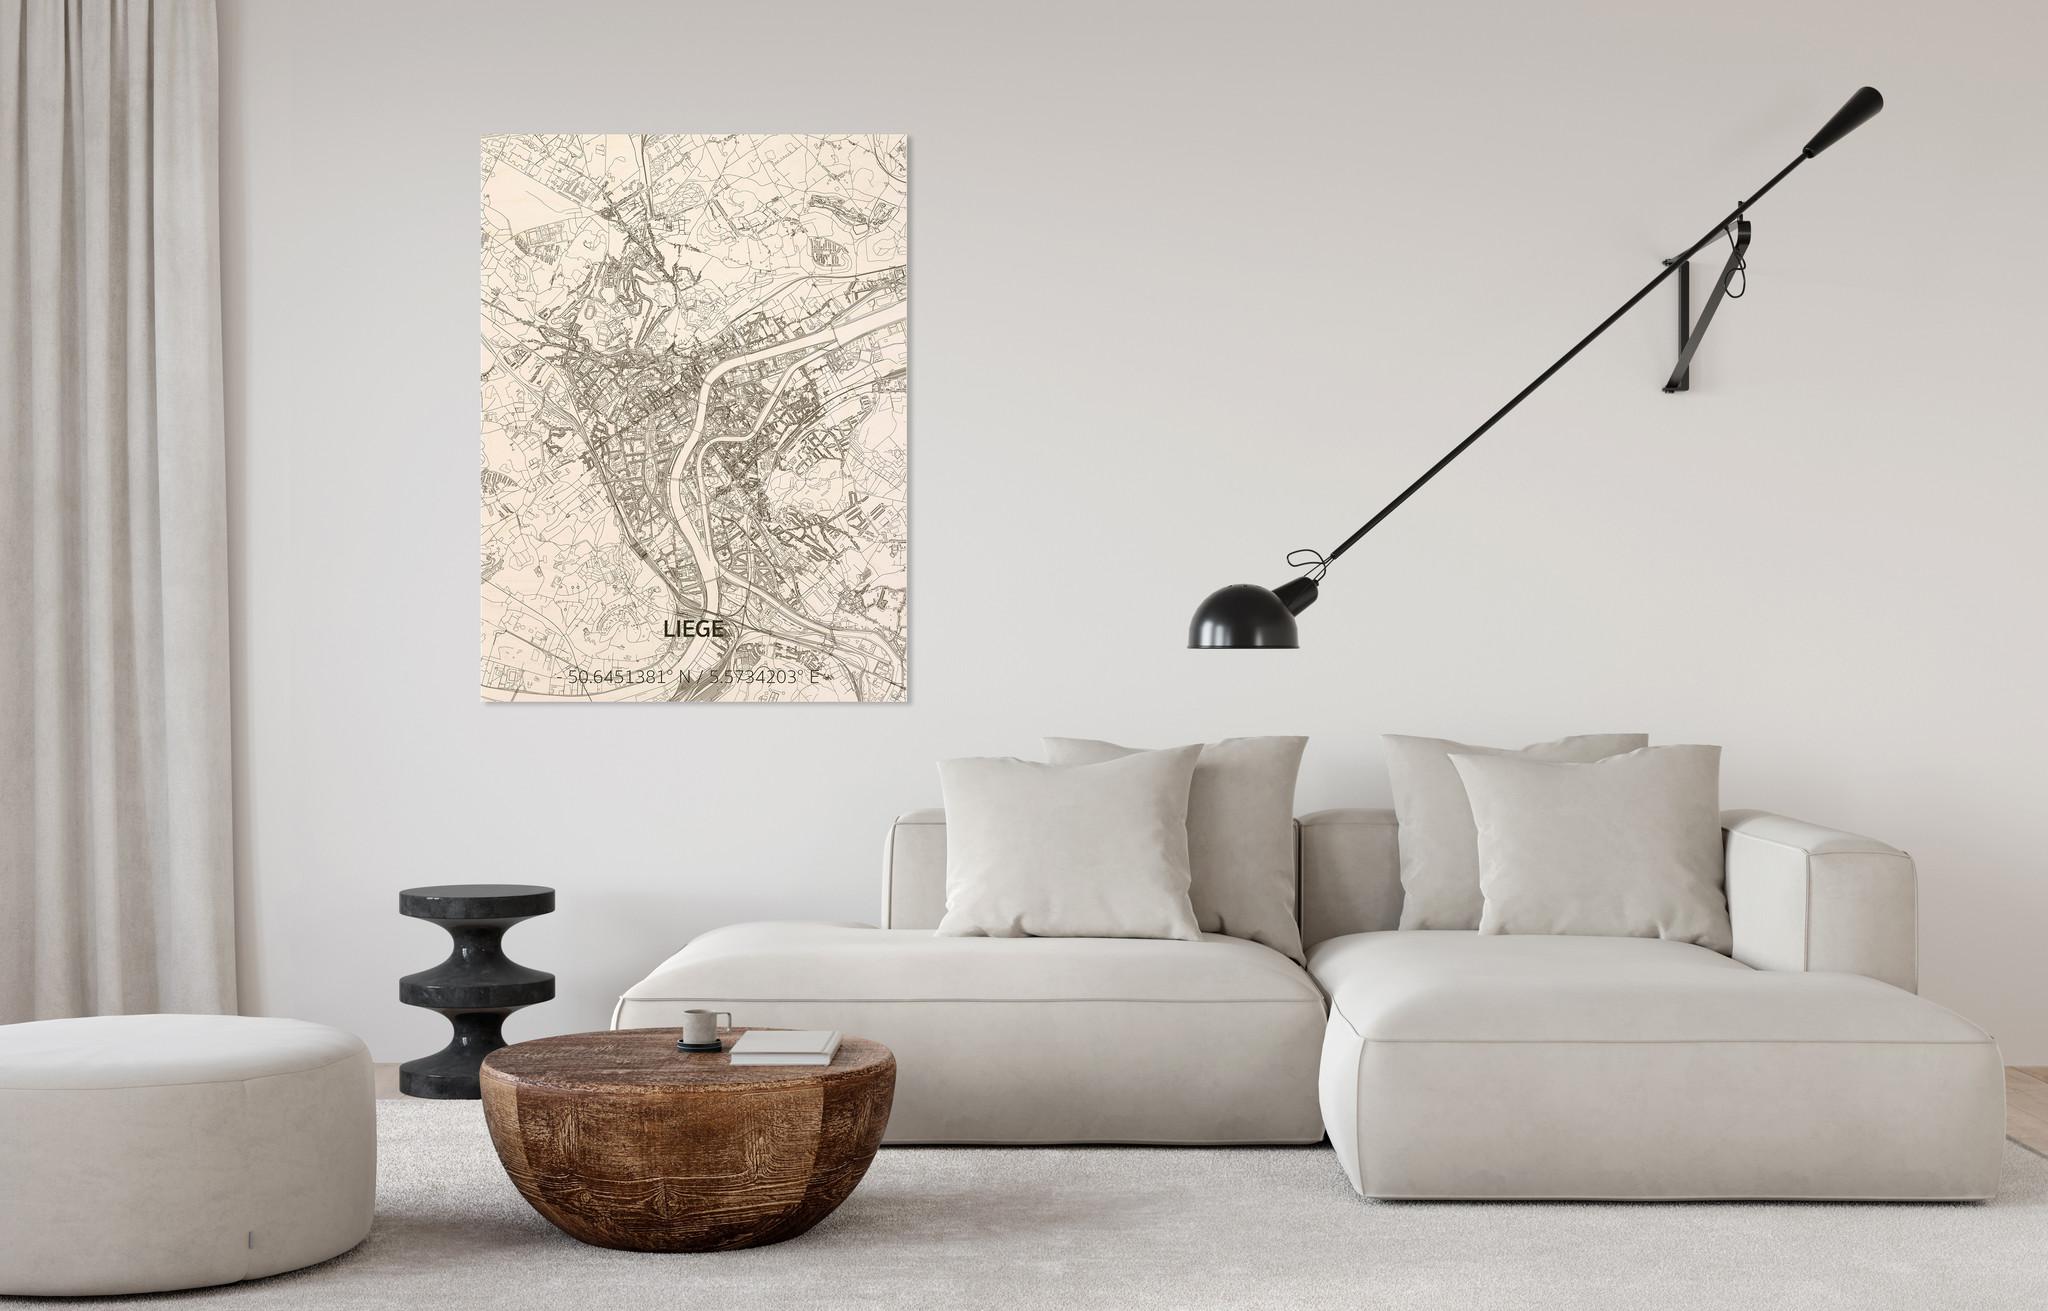 Citymap Liege | wooden wall decoration-2